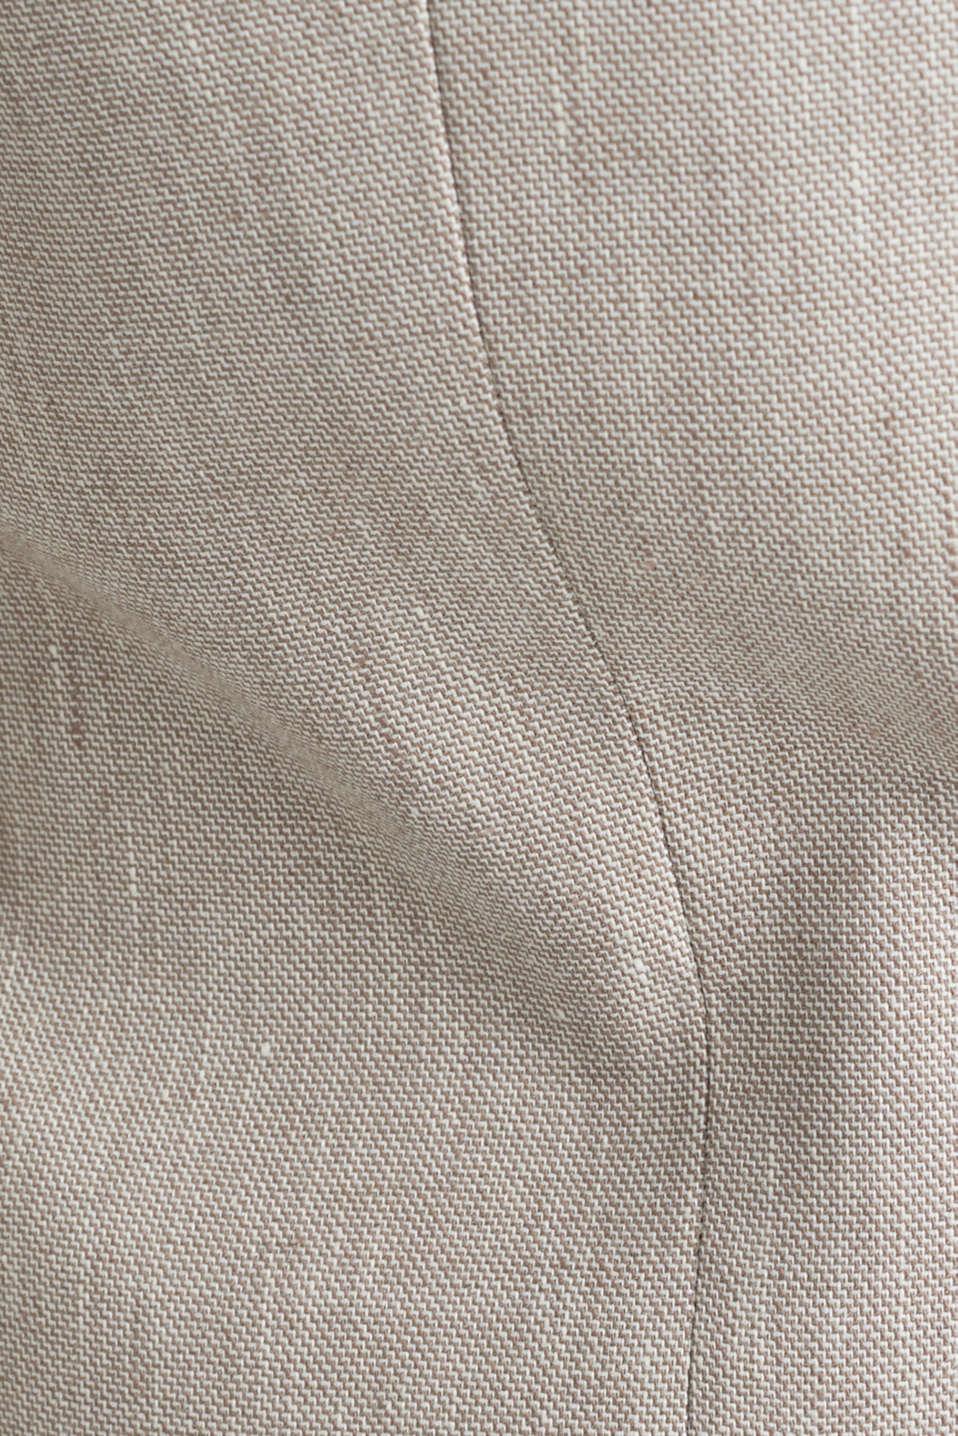 End-on-end linen blend jacket, SAND 5, detail image number 4